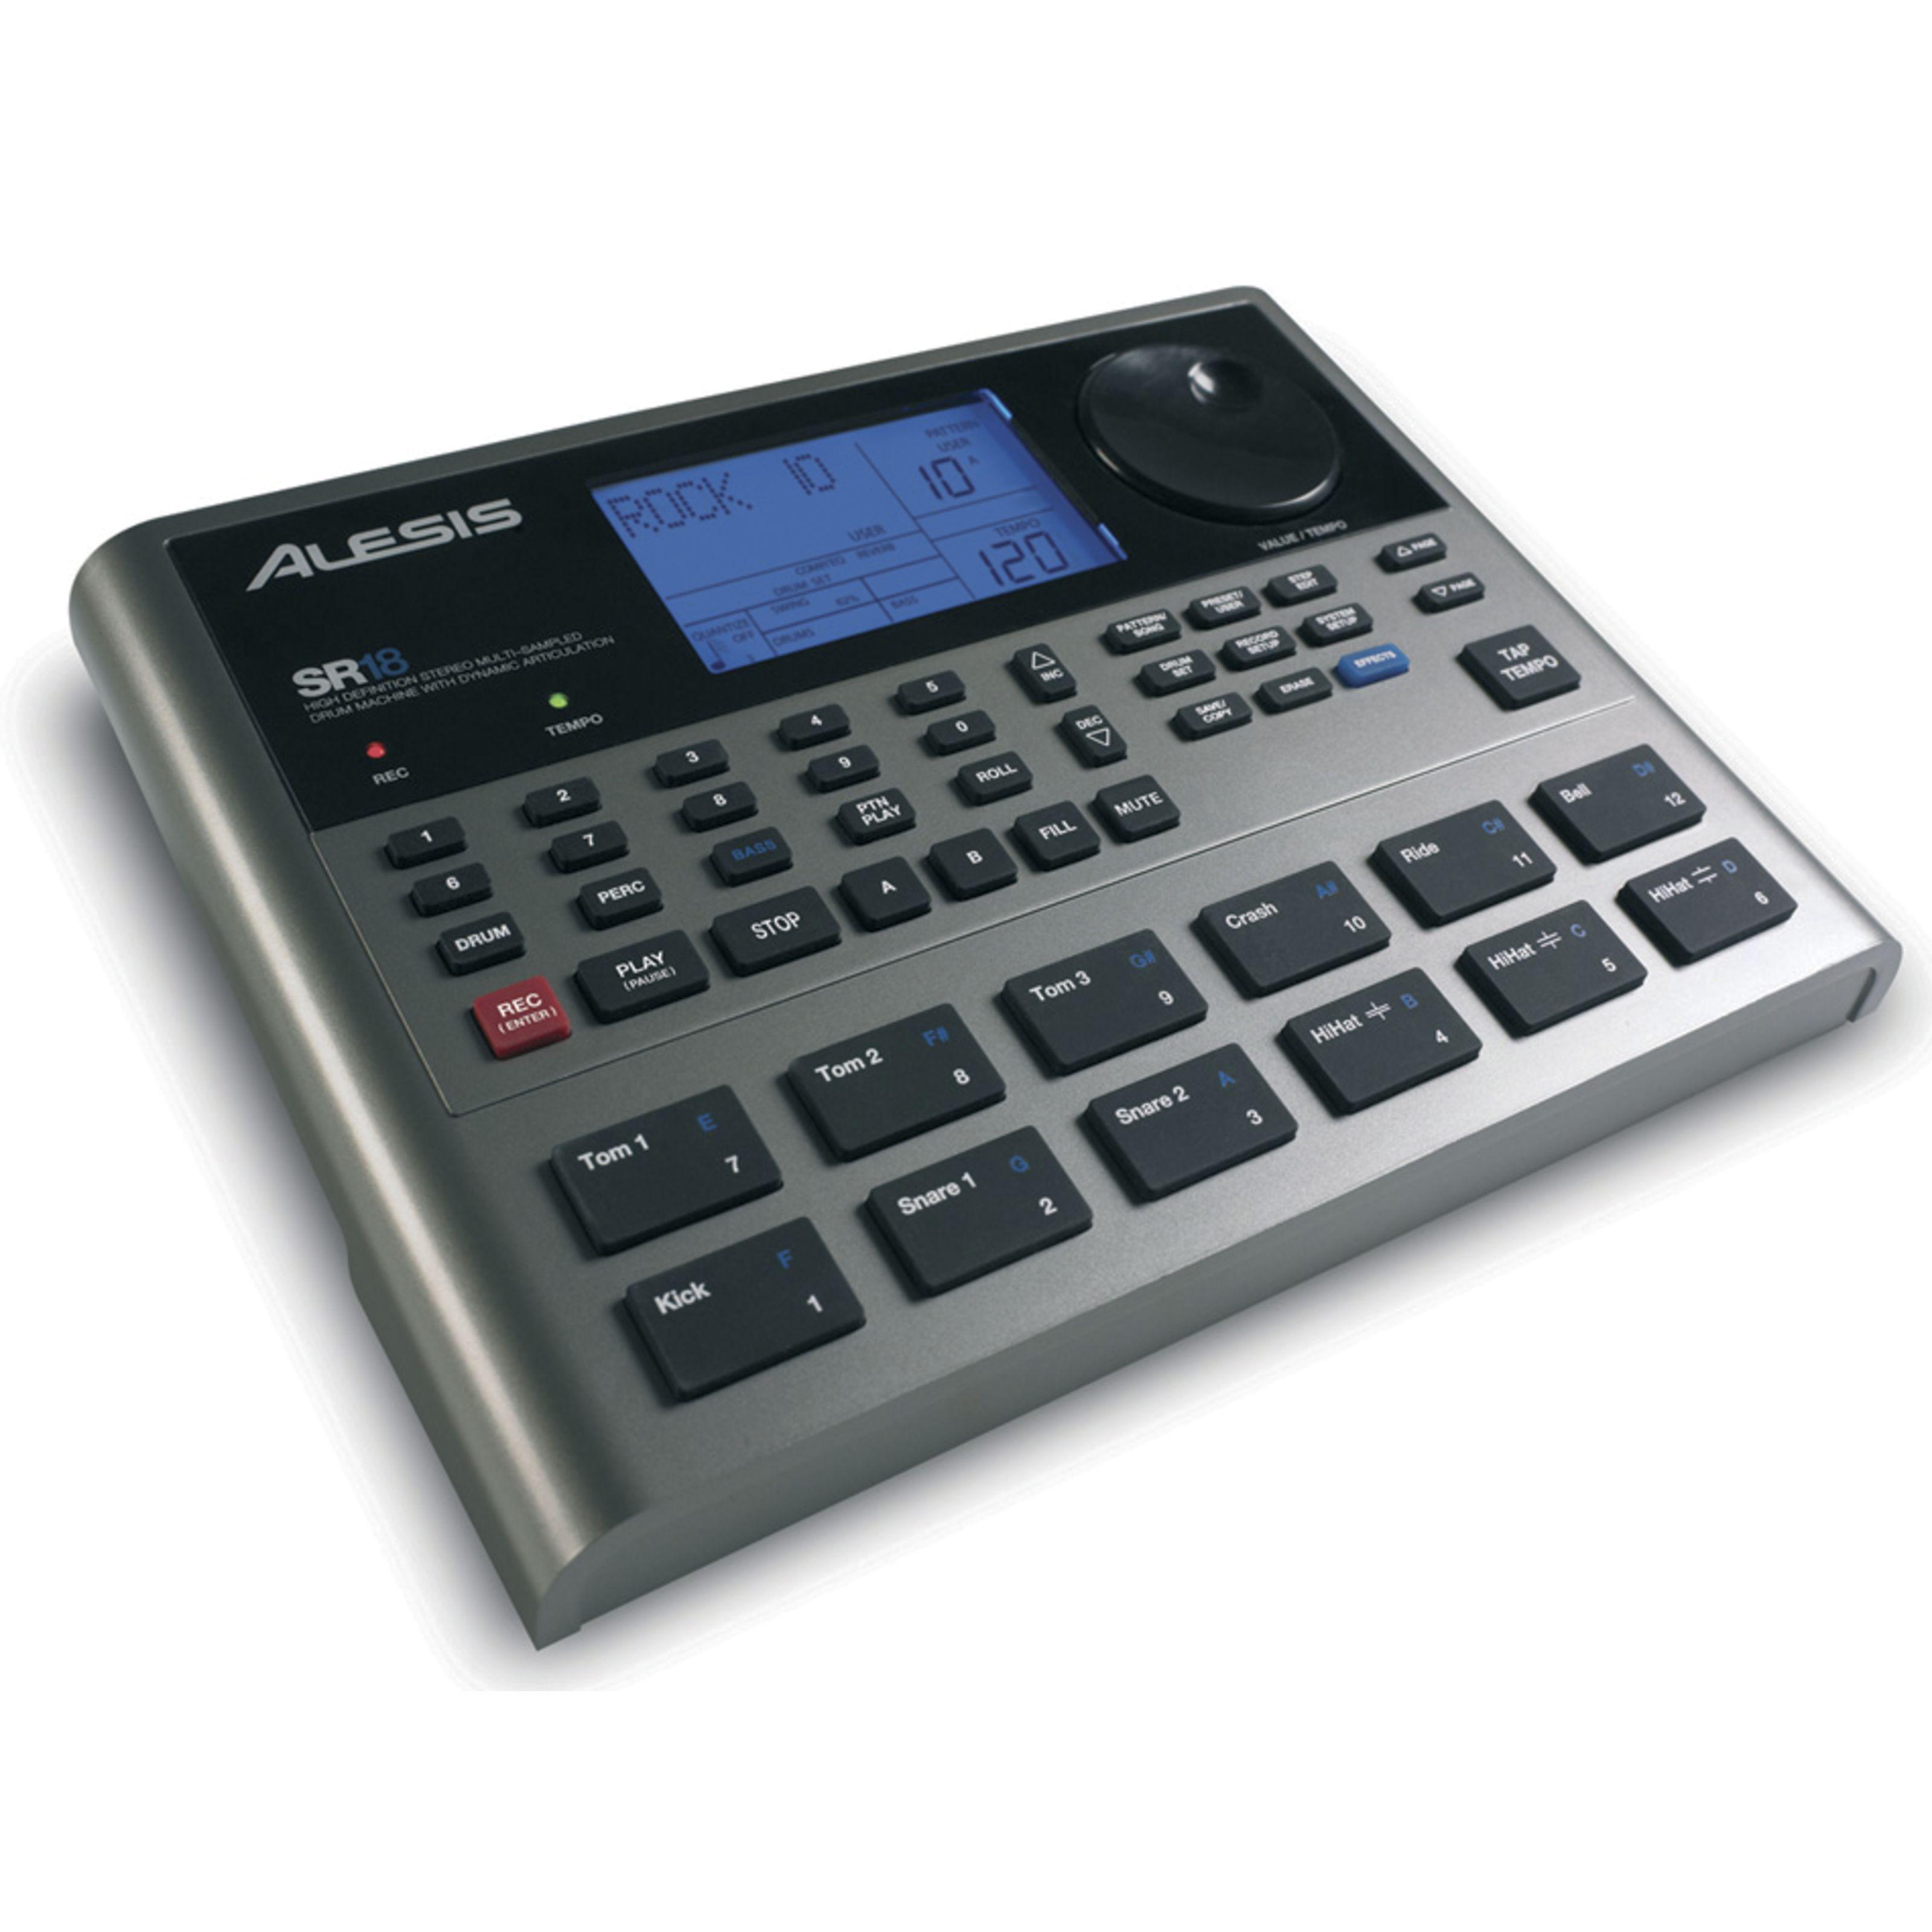 Alesis - SR-18 Drumcomputer 100068